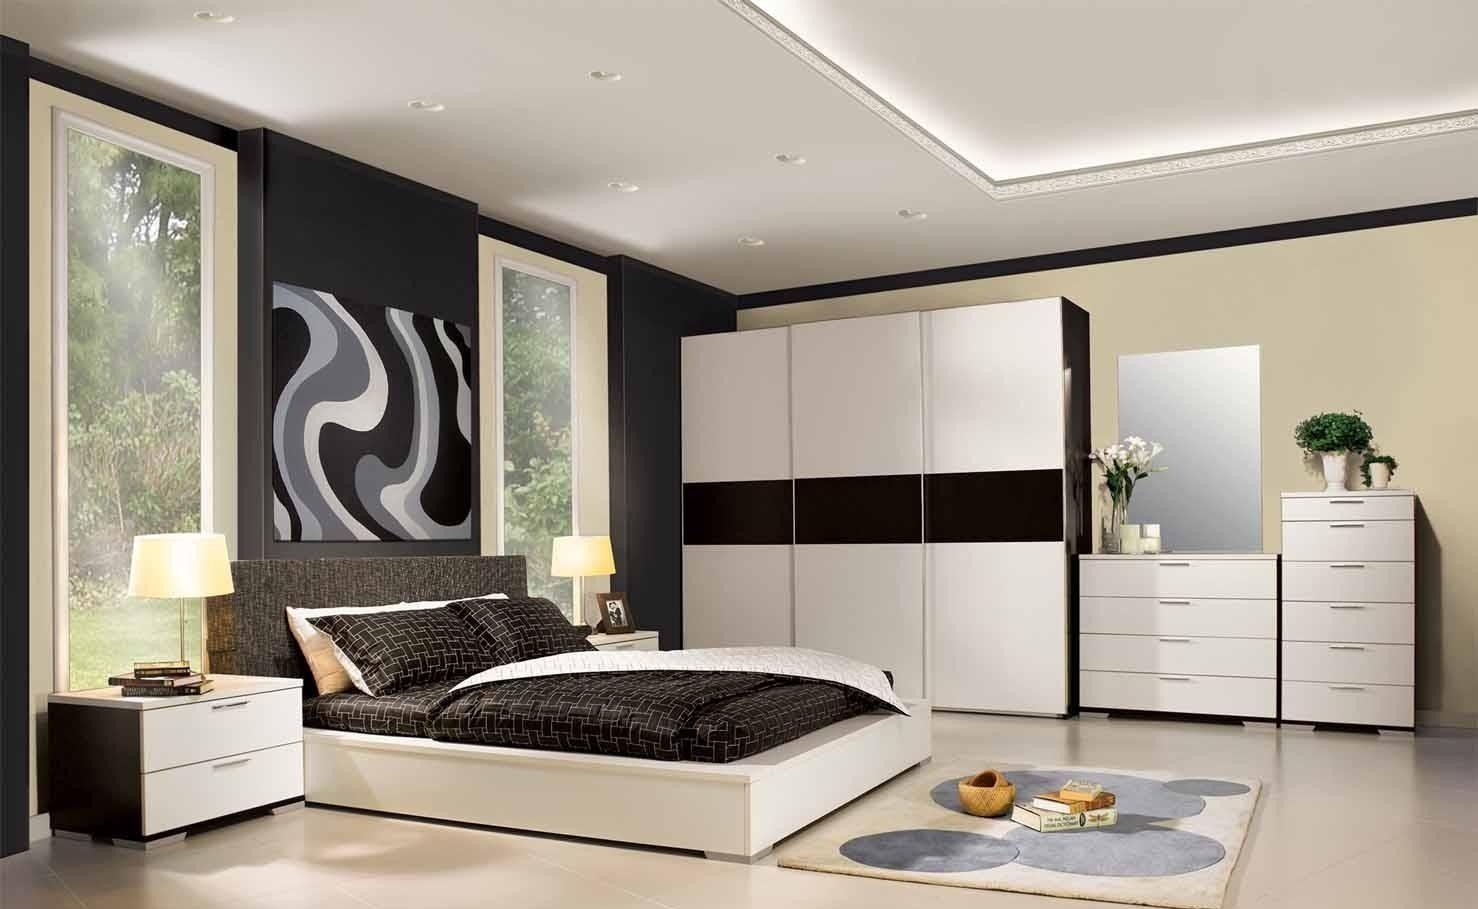 Habitaci n de estilo zen im genes y fotos for Ideas de decoracion para casas